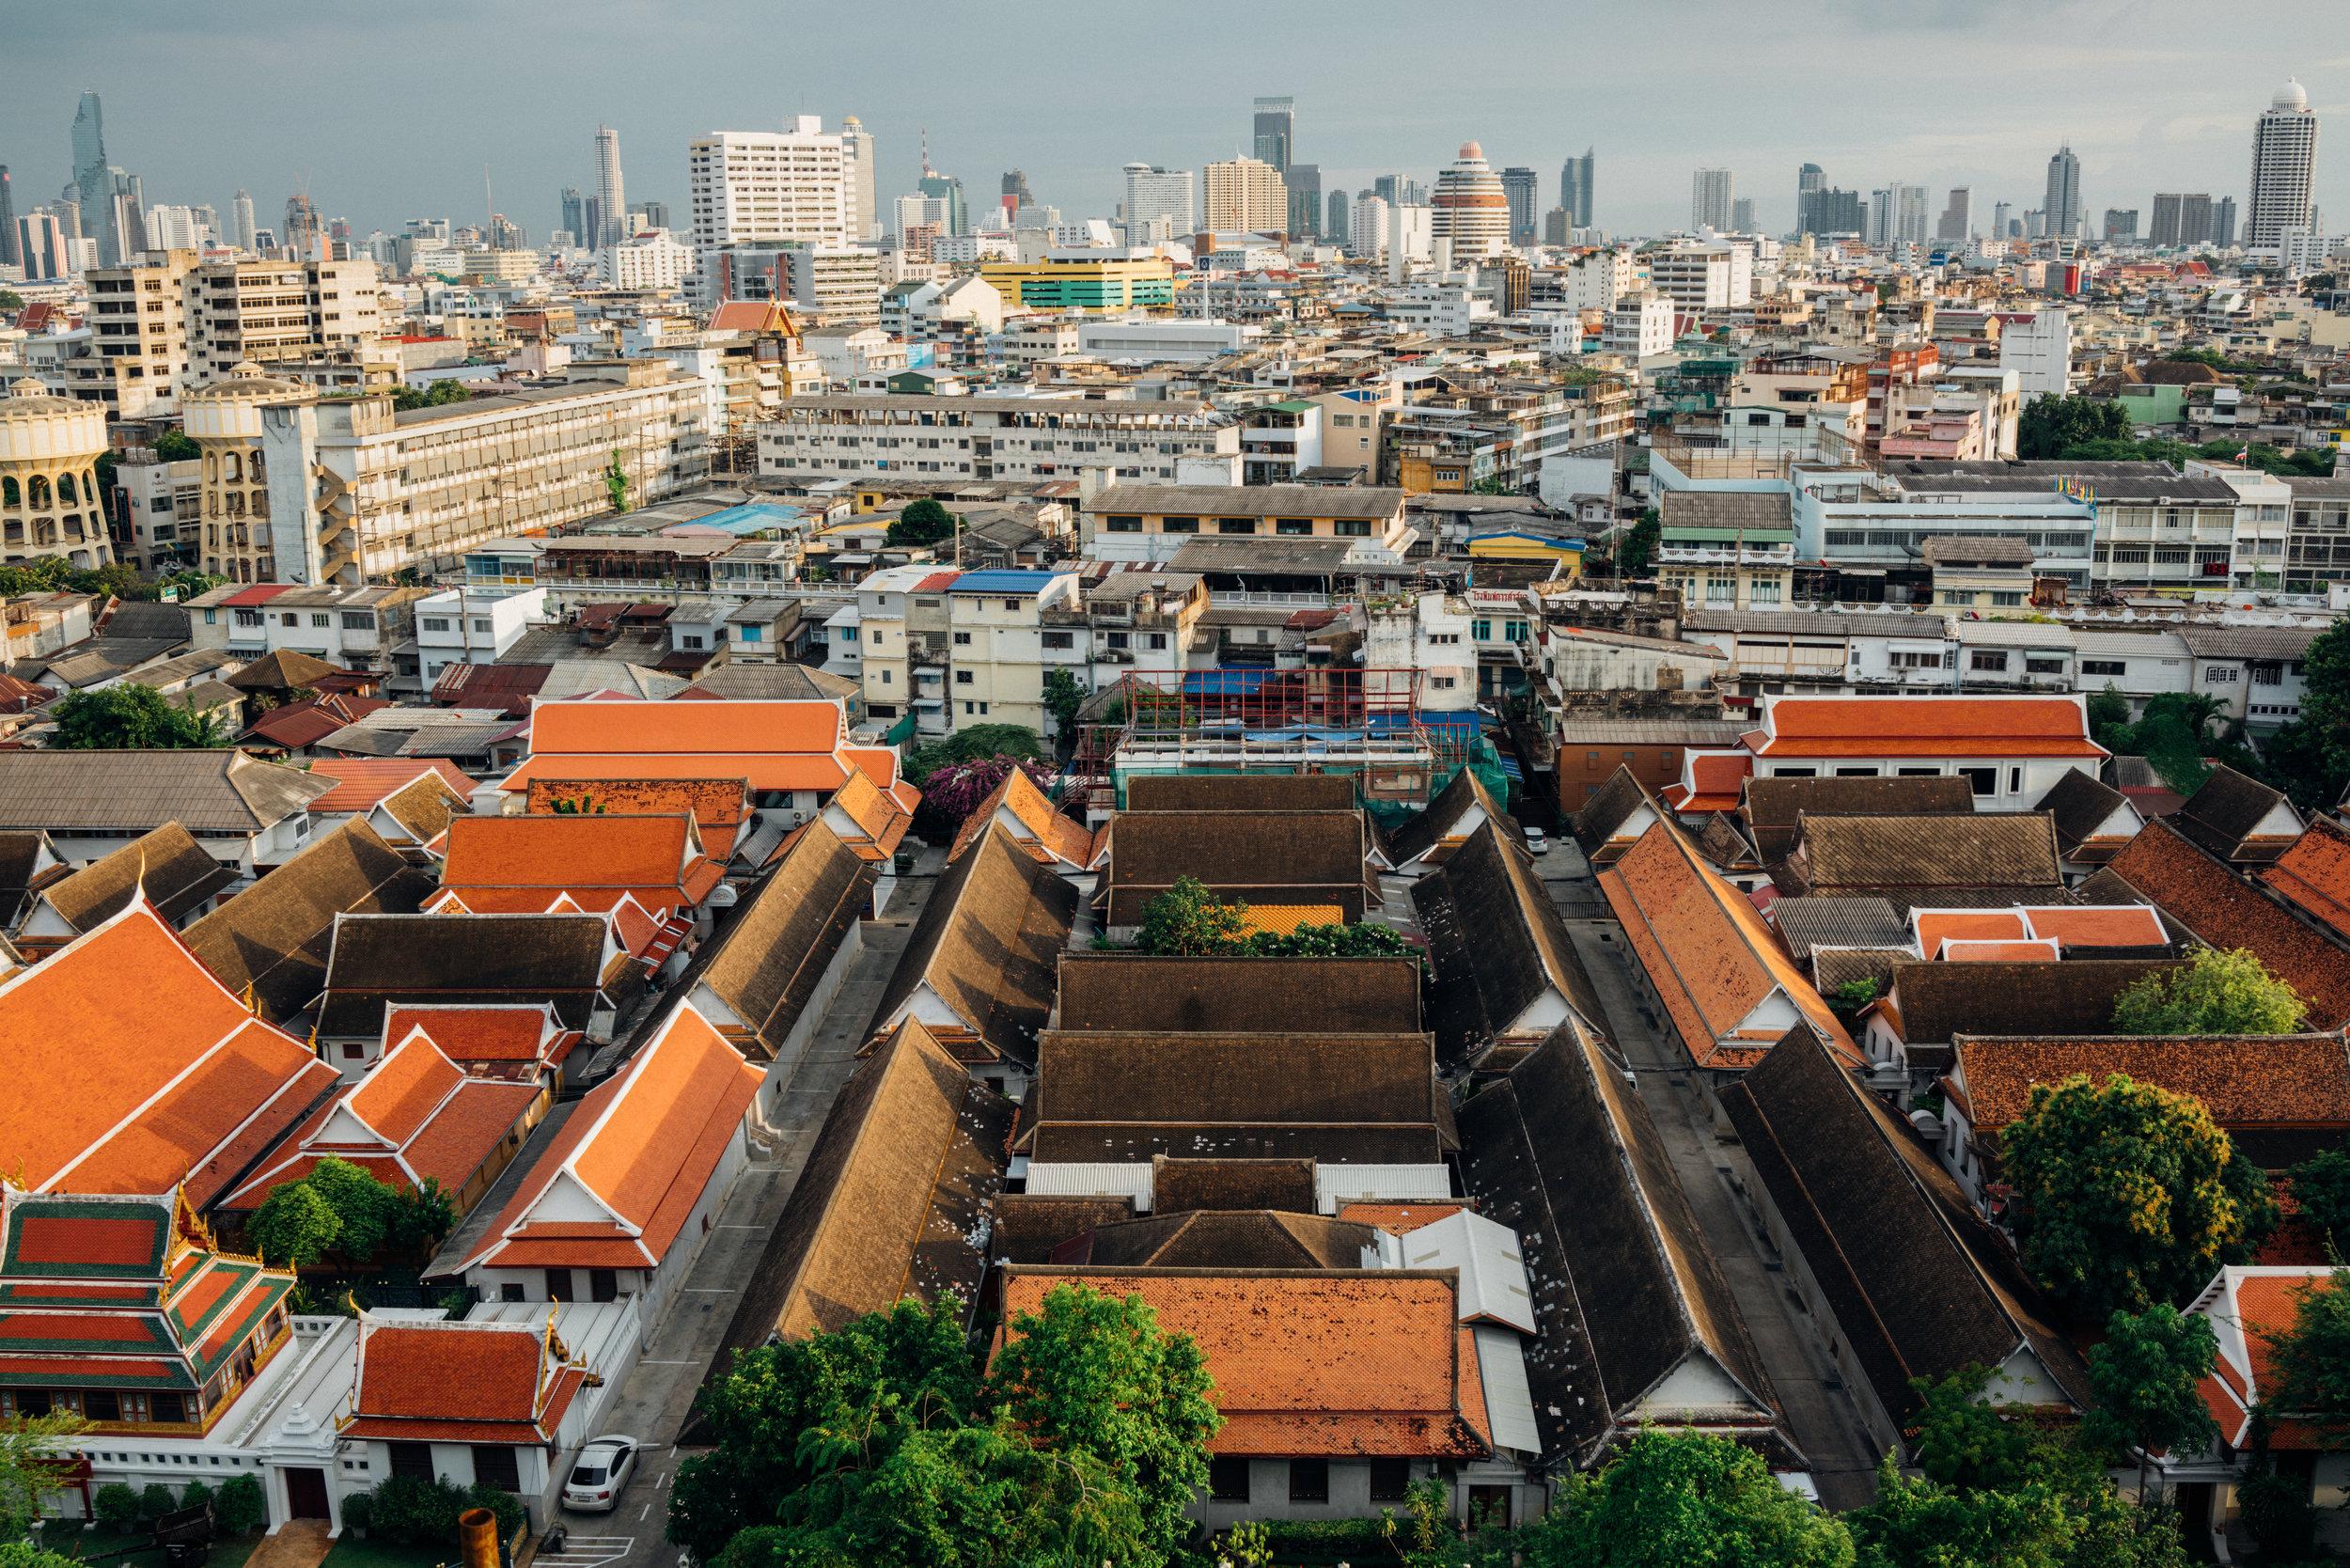 The view of Bangkok from Wat Saket